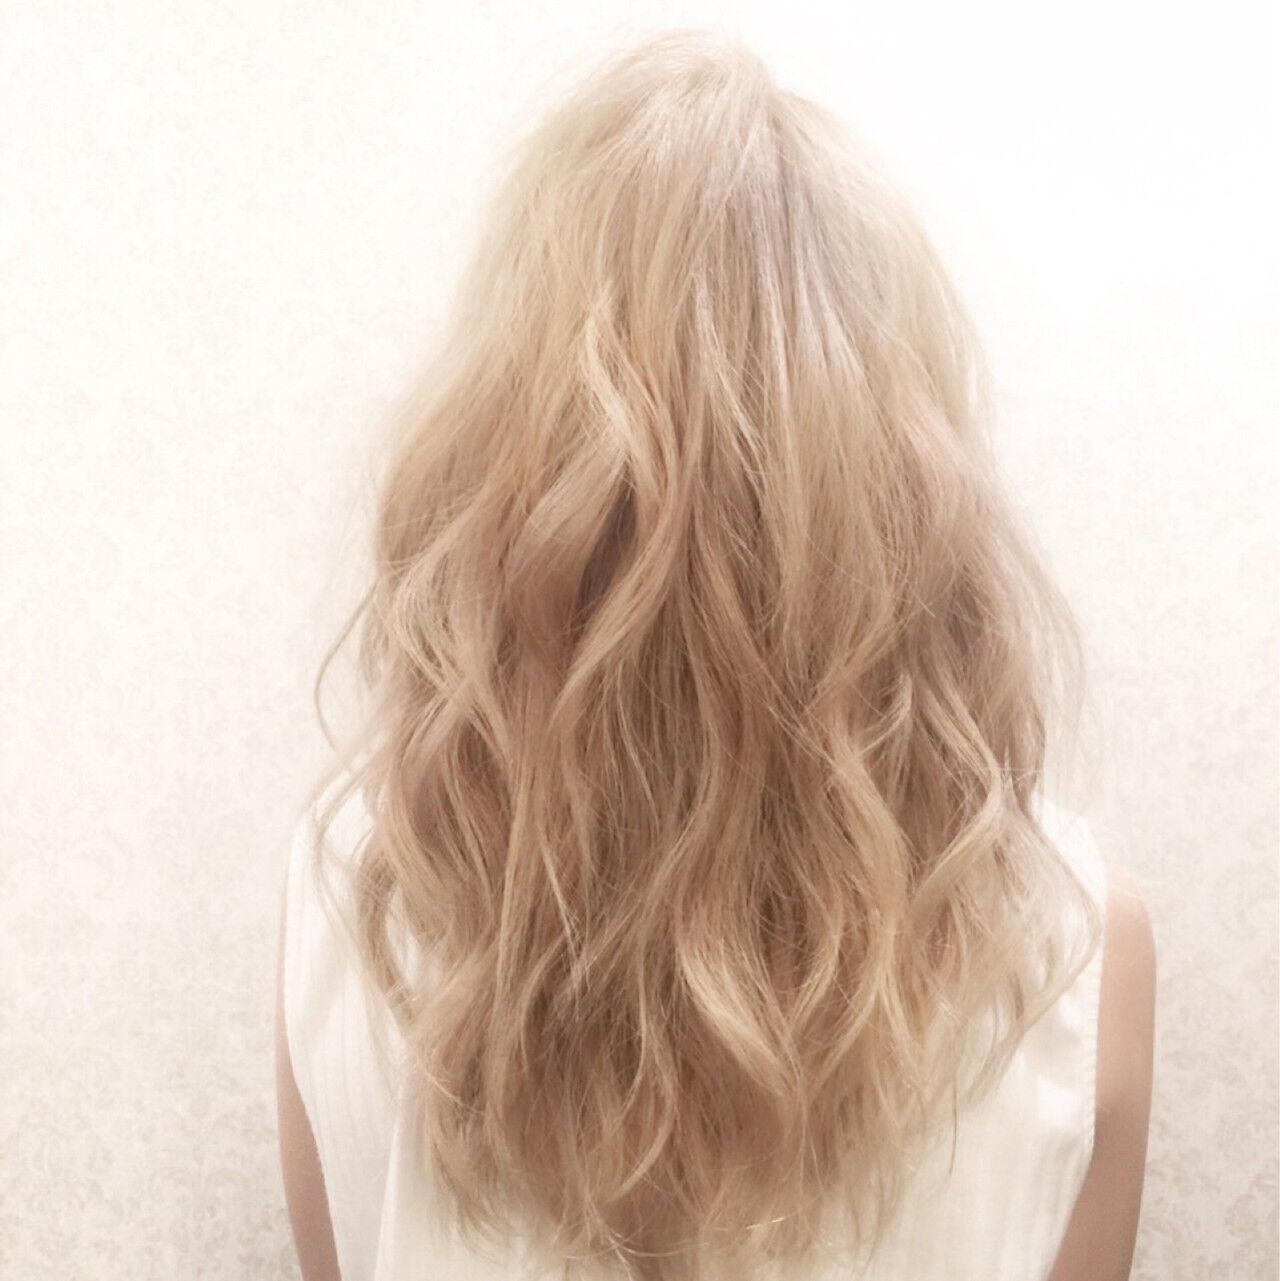 渋谷系 ブリーチ ガーリー ハイトーンヘアスタイルや髪型の写真・画像